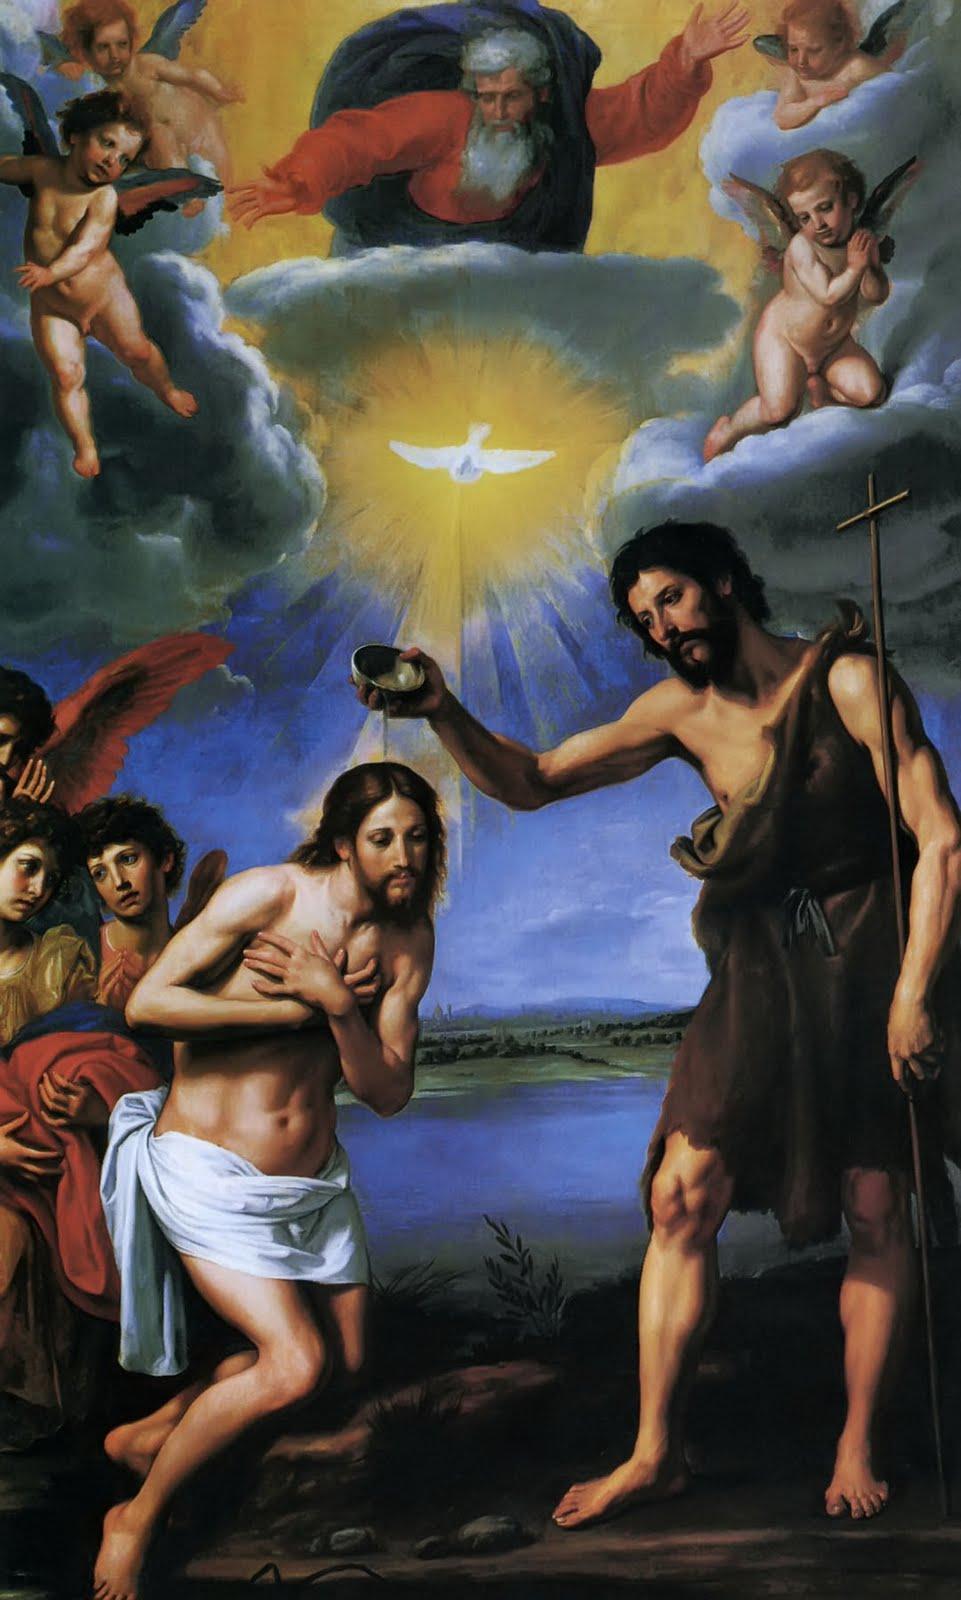 After mormon baptism i take him inside - 2 part 6